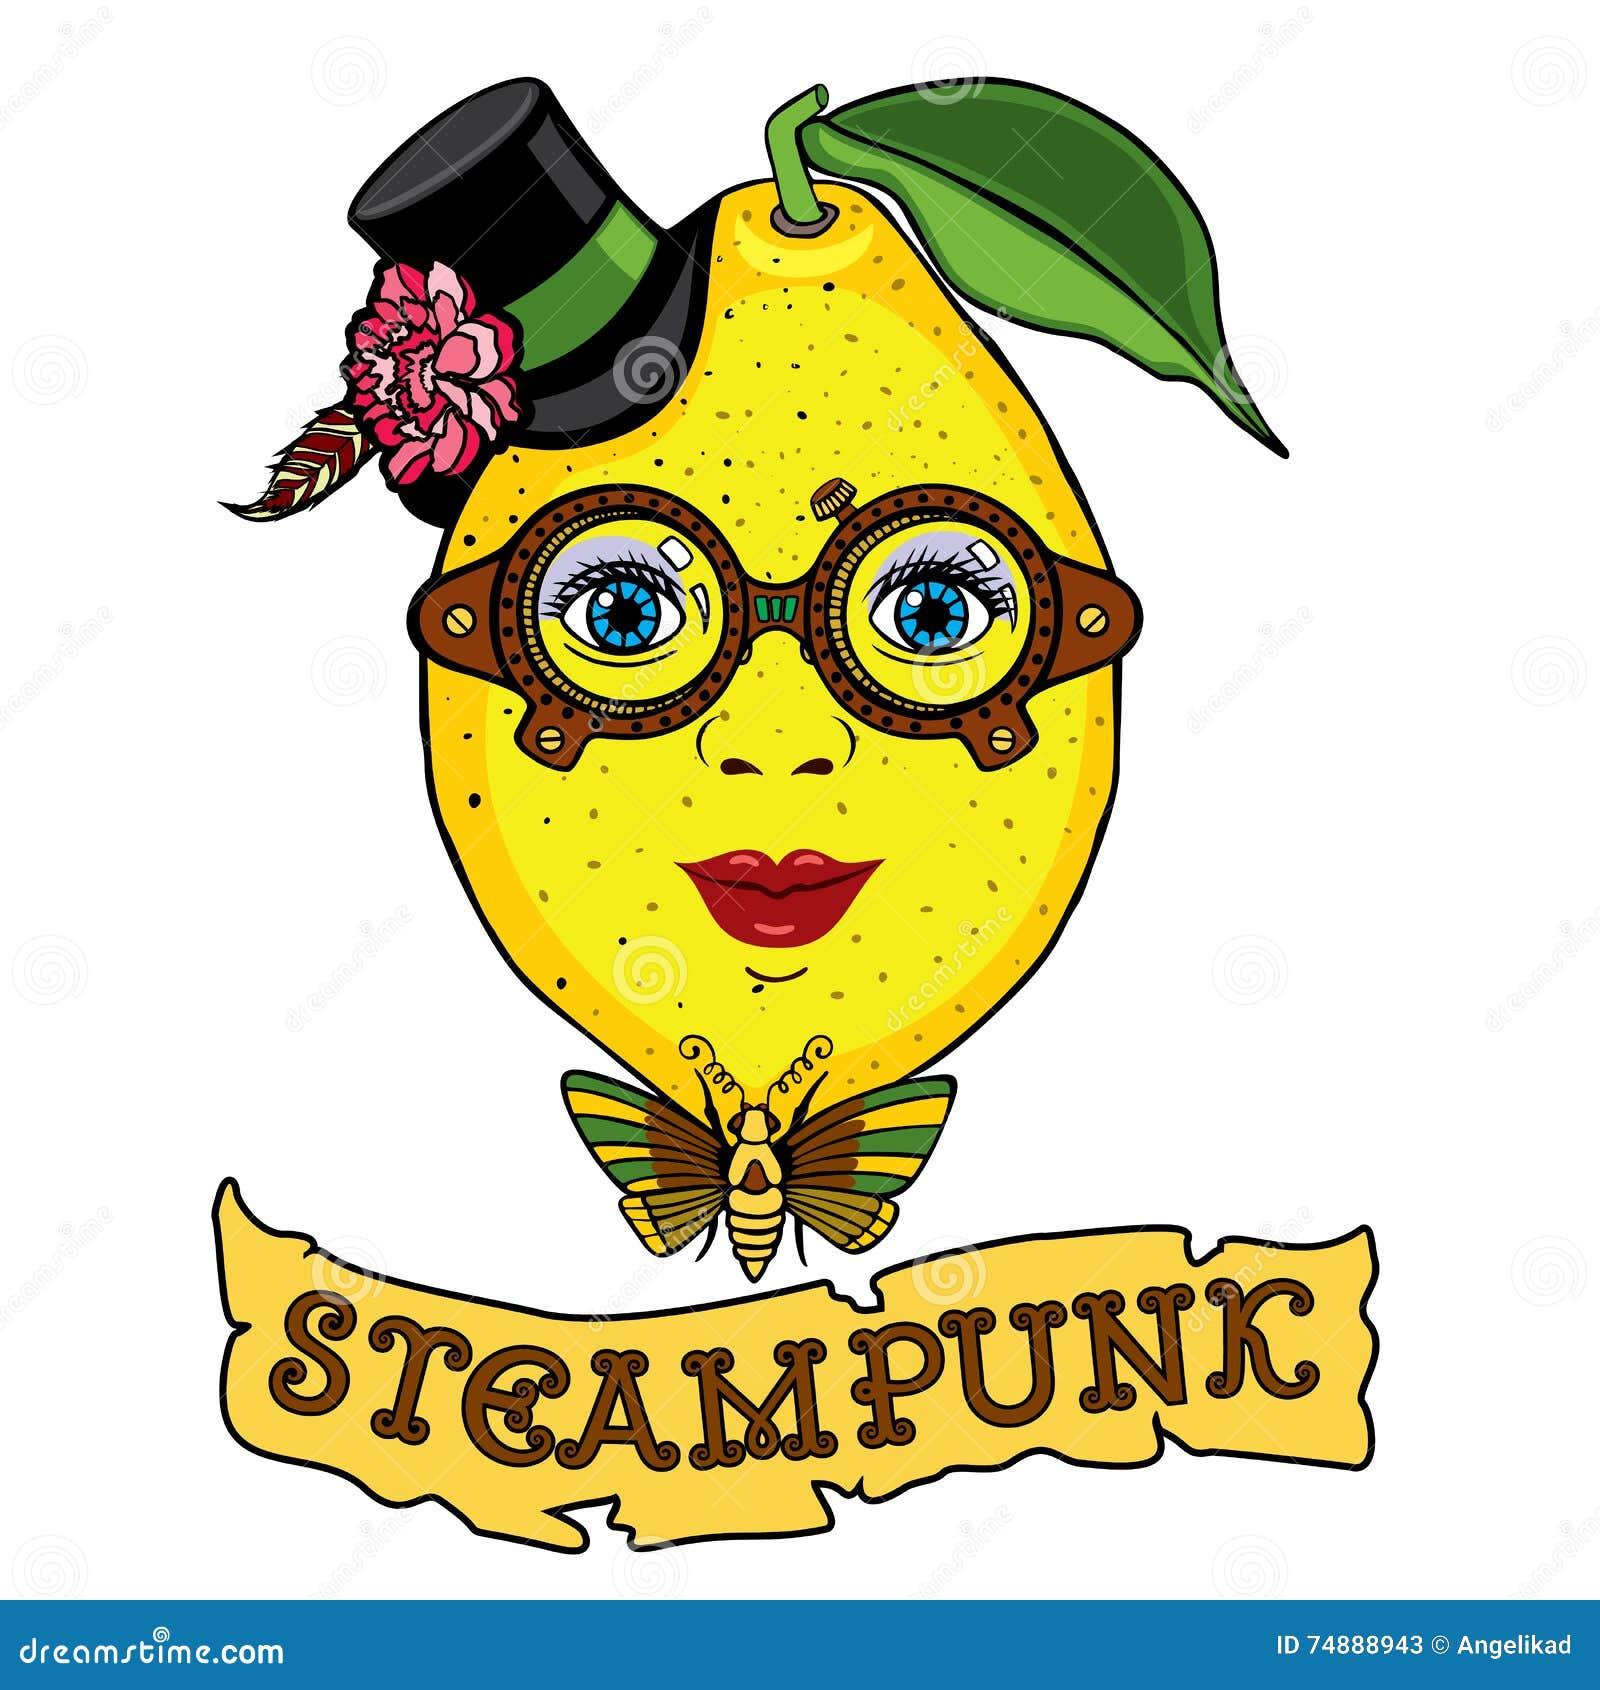 Sra. Desenho do limão ao estilo do steampunk